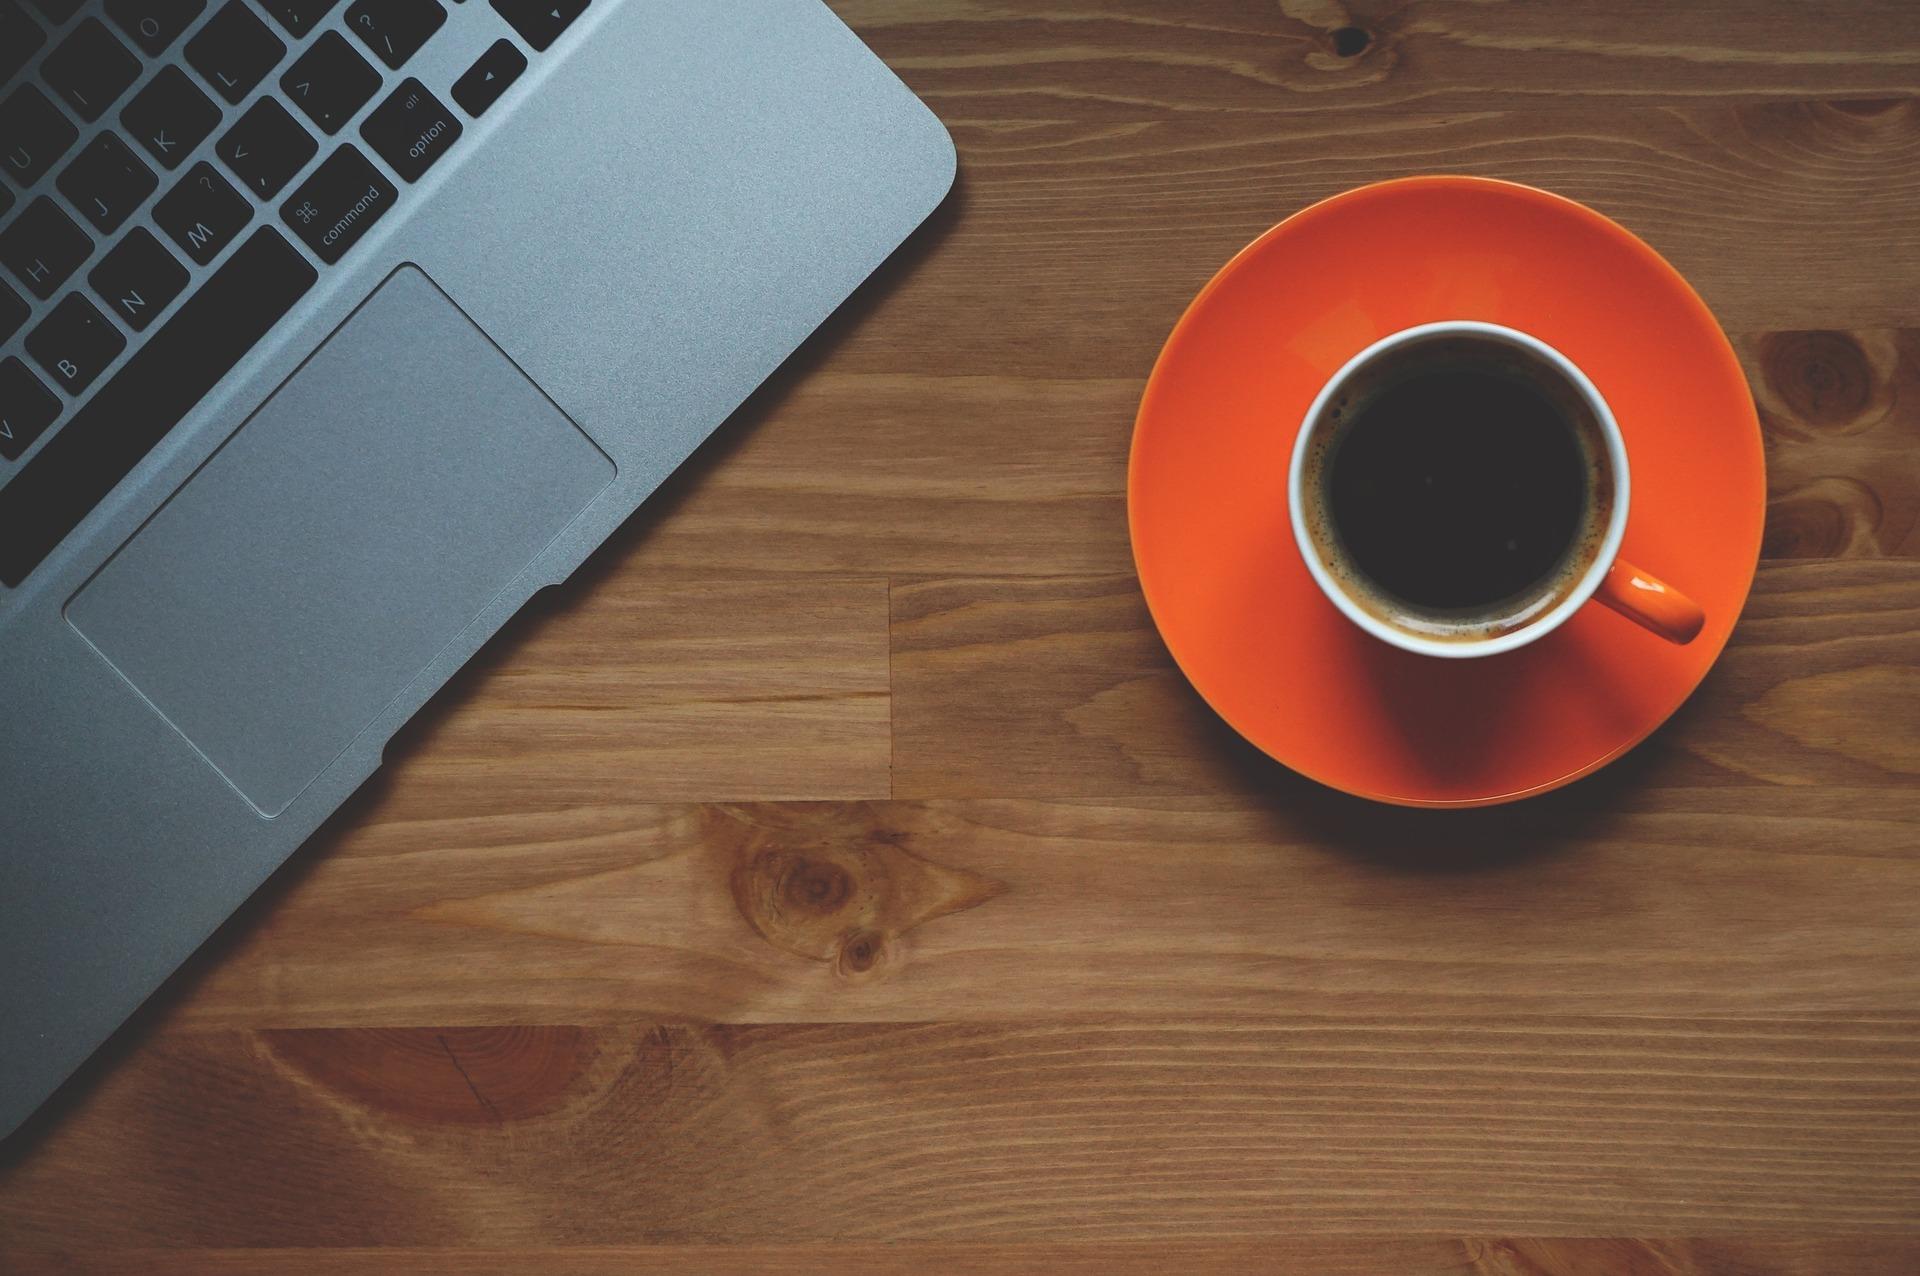 Bilden visar en kopp med kaffe bredvid en dator